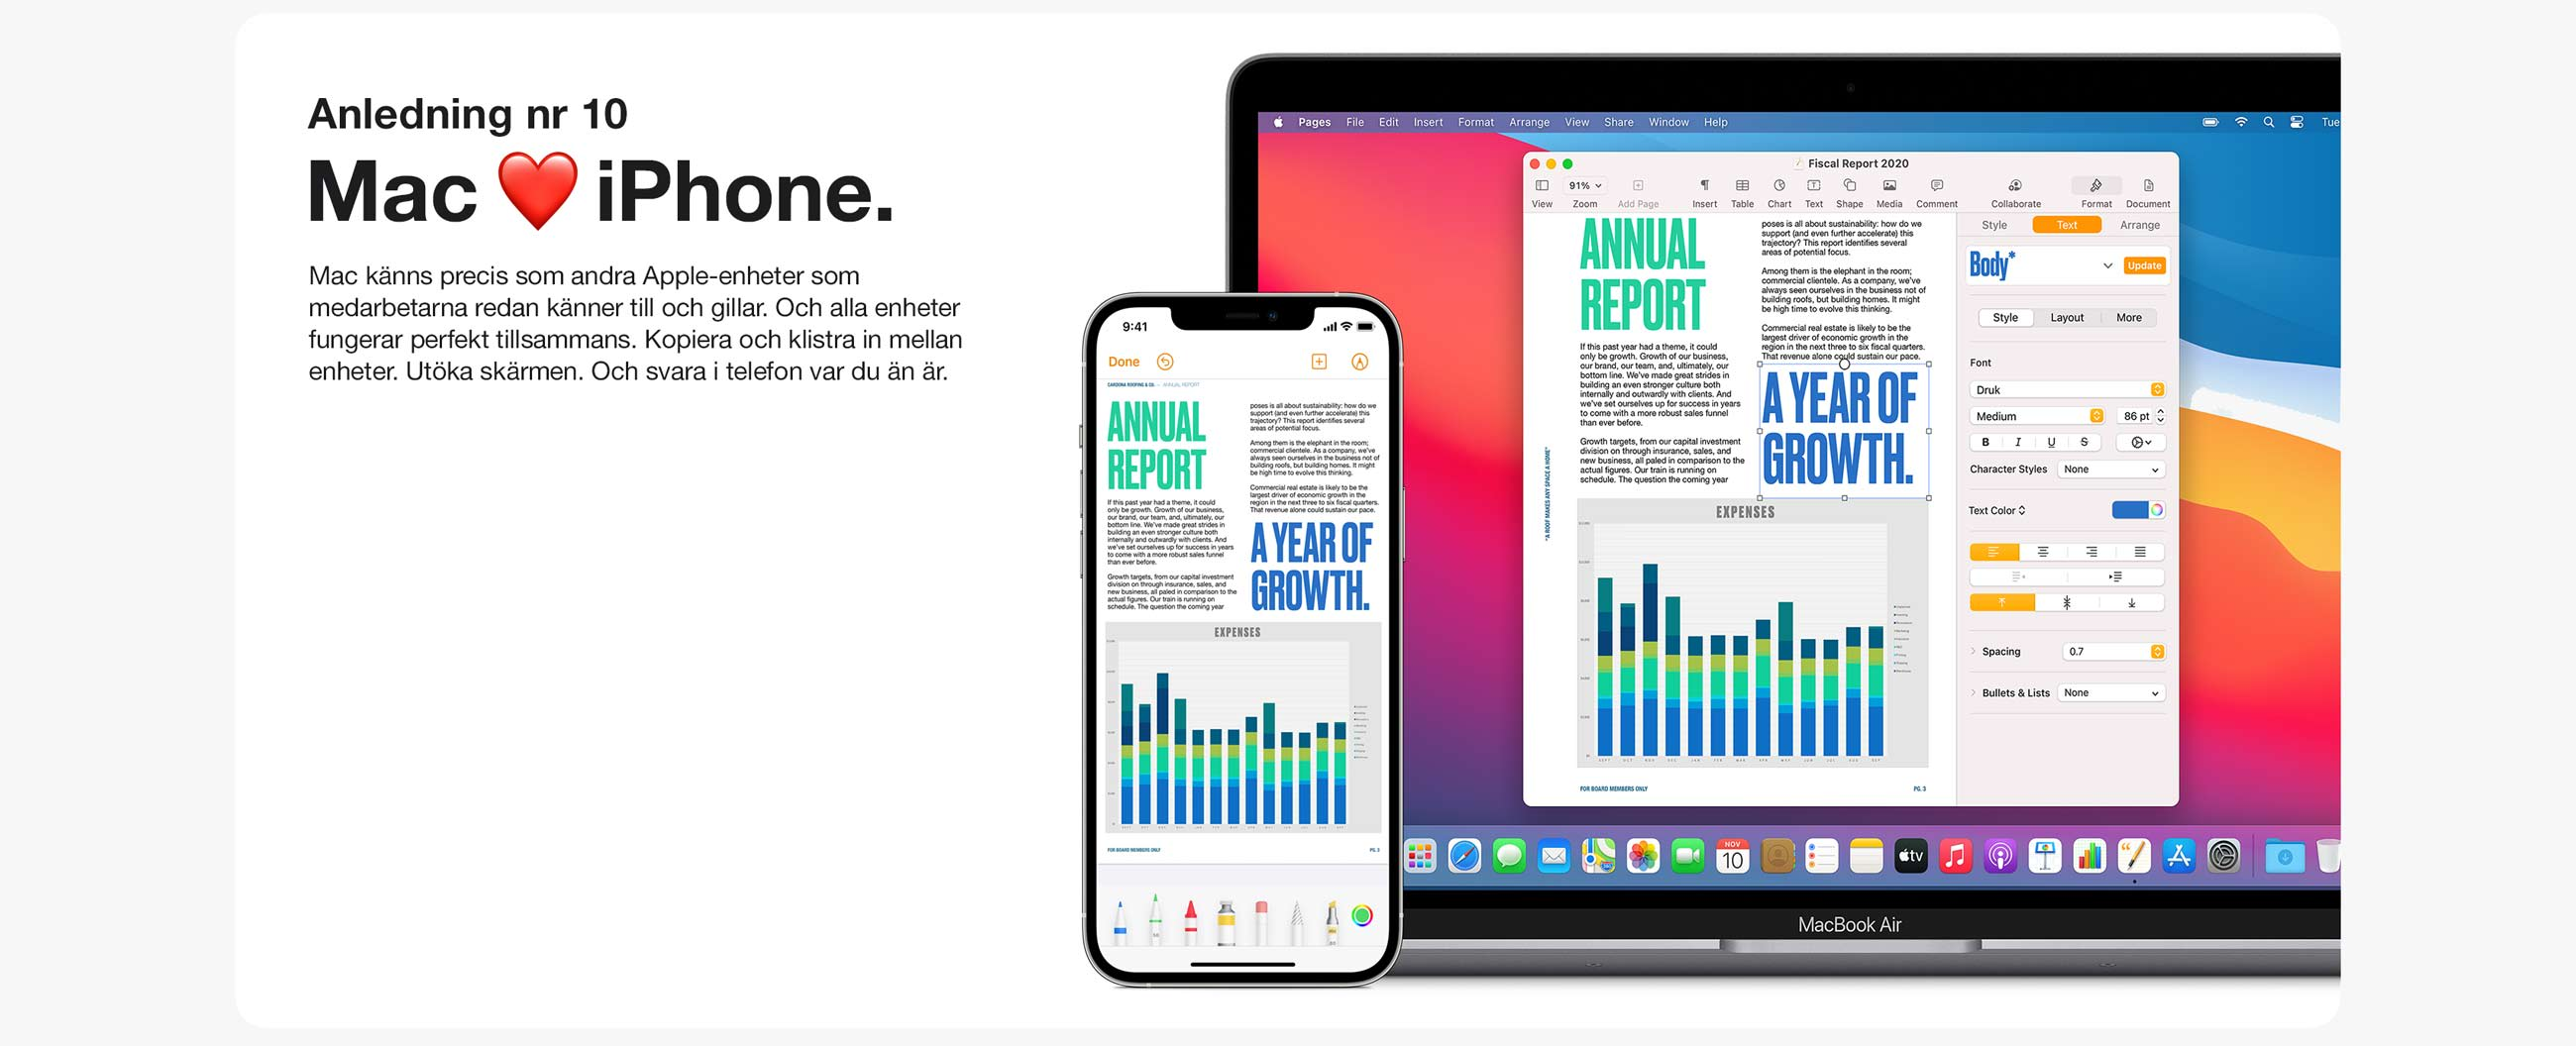 Anledning 10. Mac känns precis som andra Apple-enheter som medarbetarna redan känner till och funkar perfekt tillsammans.